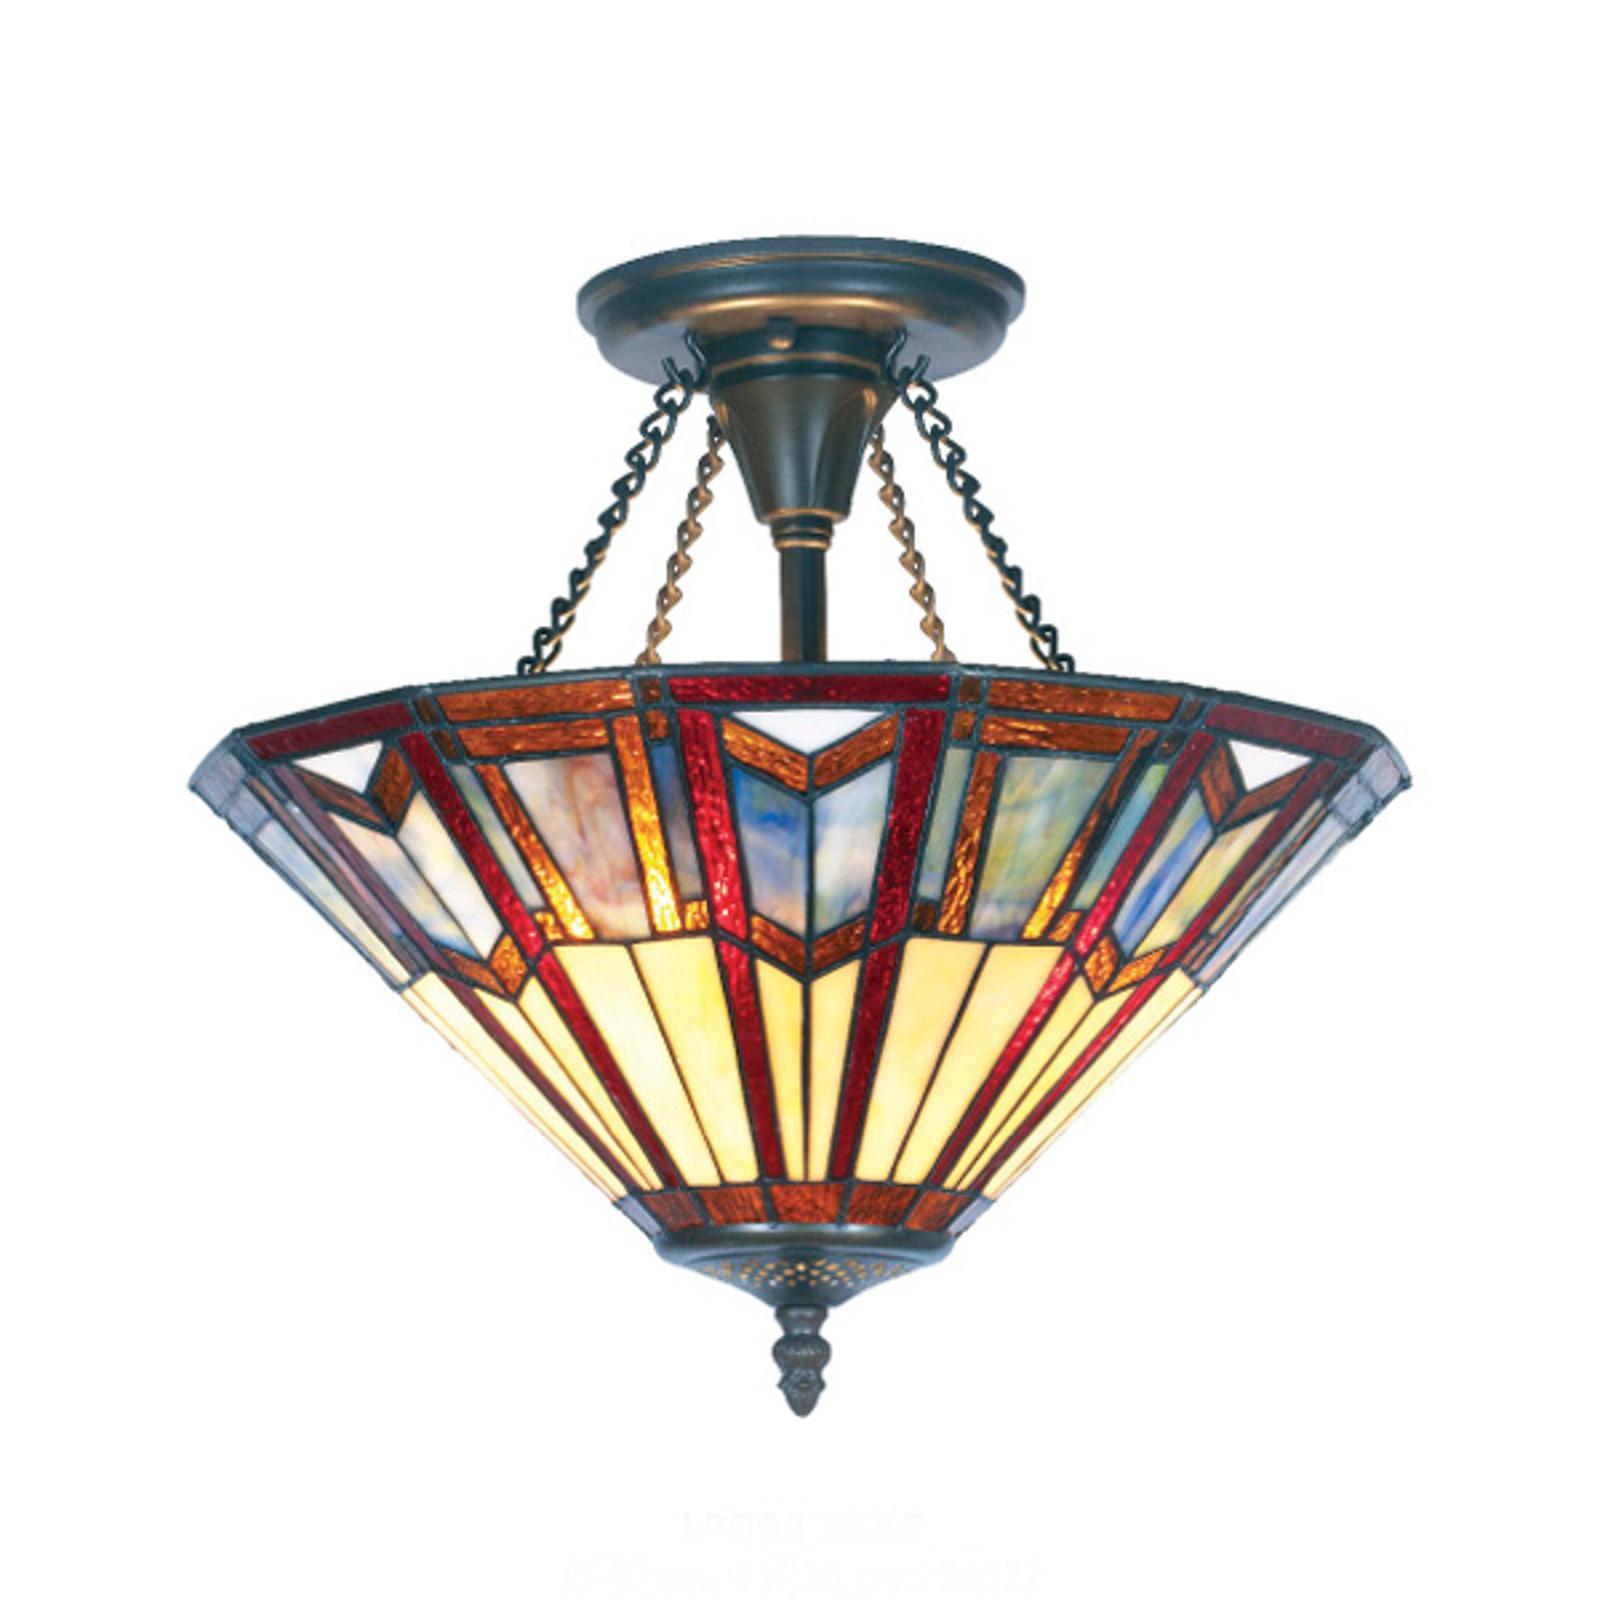 Stropné svietidlo Lillie v štýle Tiffany_1032190_1